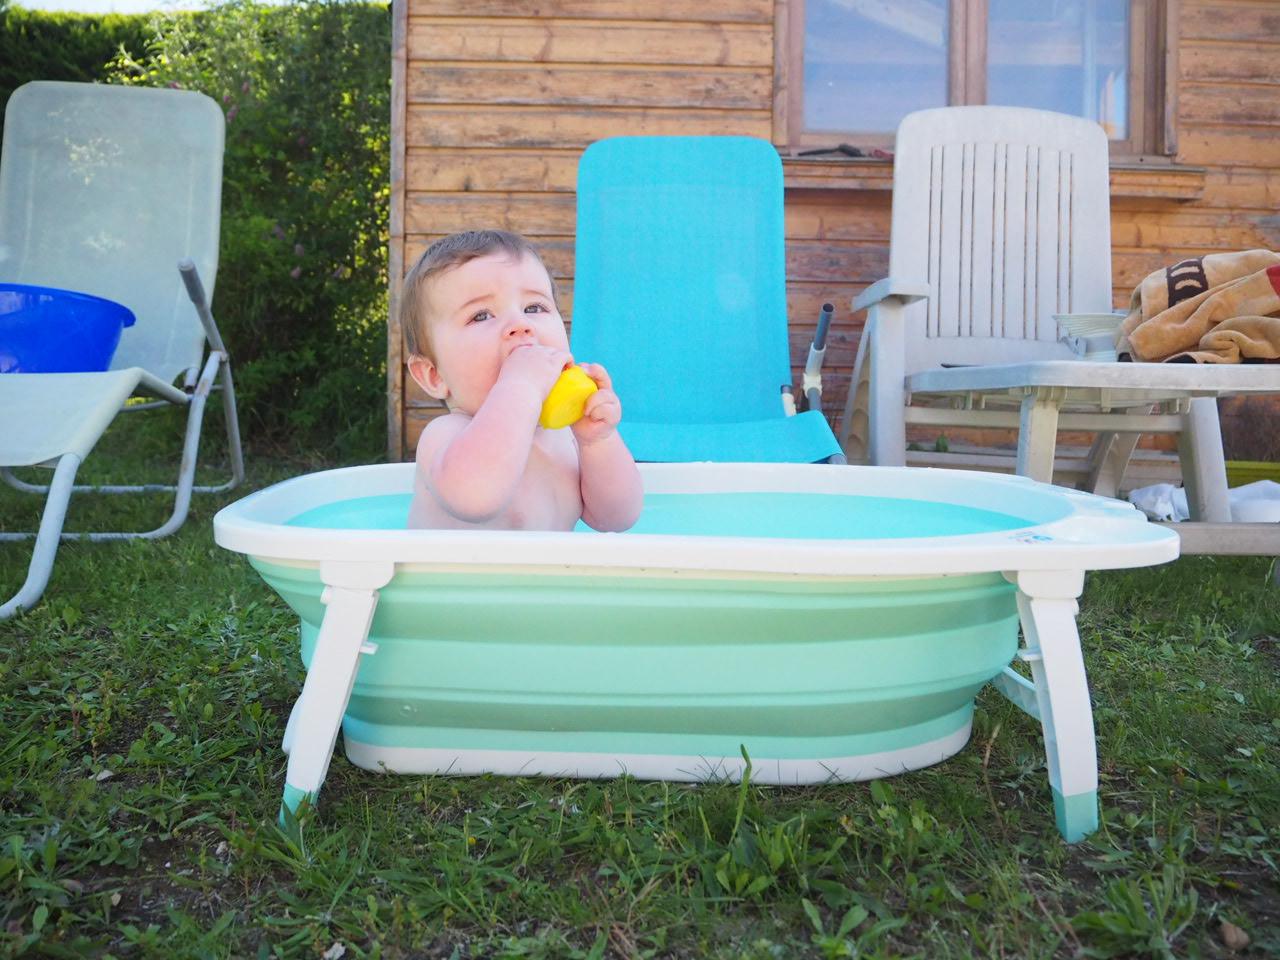 La baignoire pliable pour les vacances avec b b c 39 tait comment avant - Baignoire bebe de voyage ...